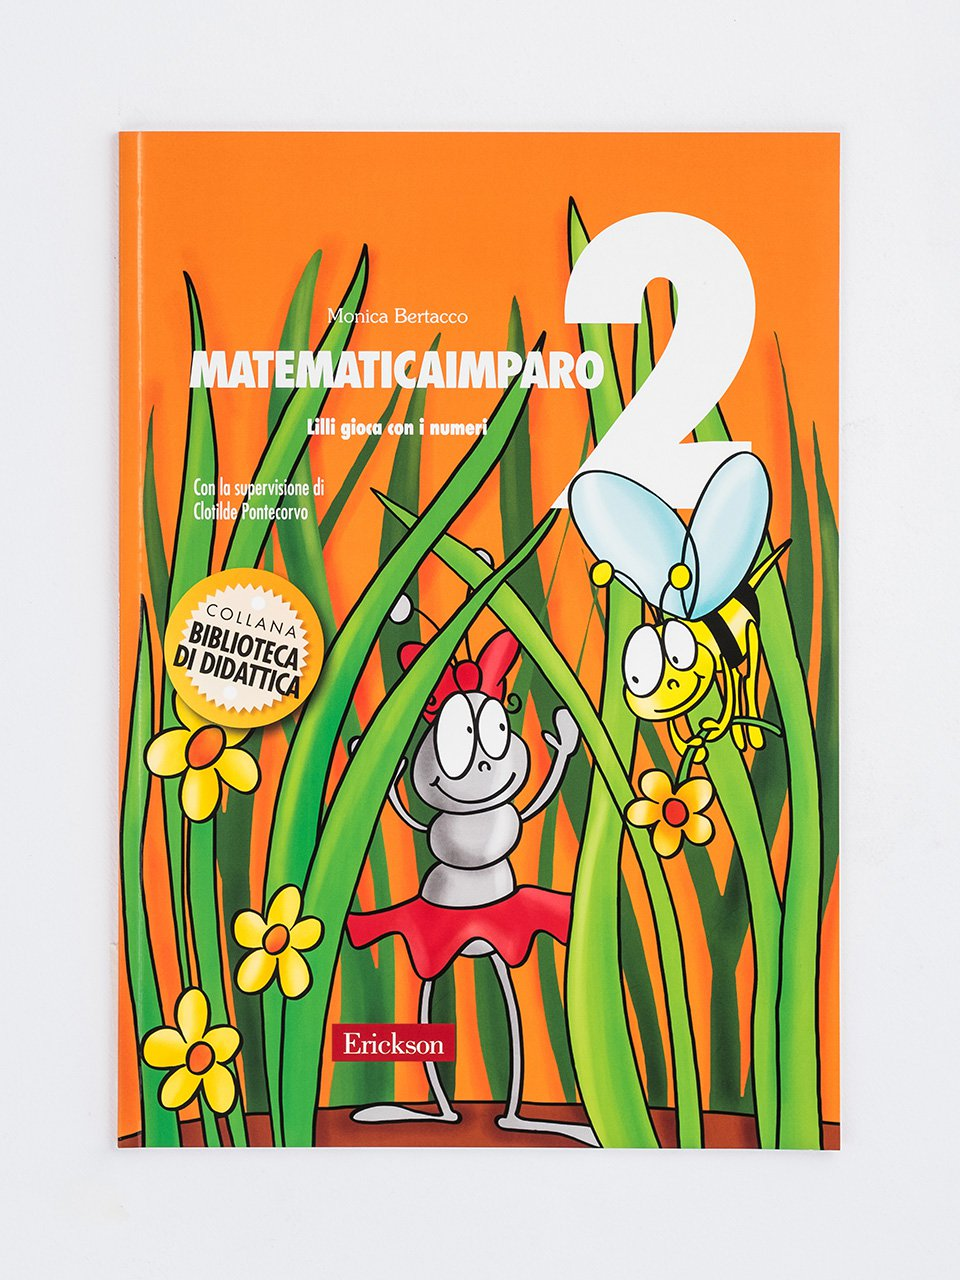 MatematicaImparo 2 - MatematicaImparo 10 - Libri - Erickson